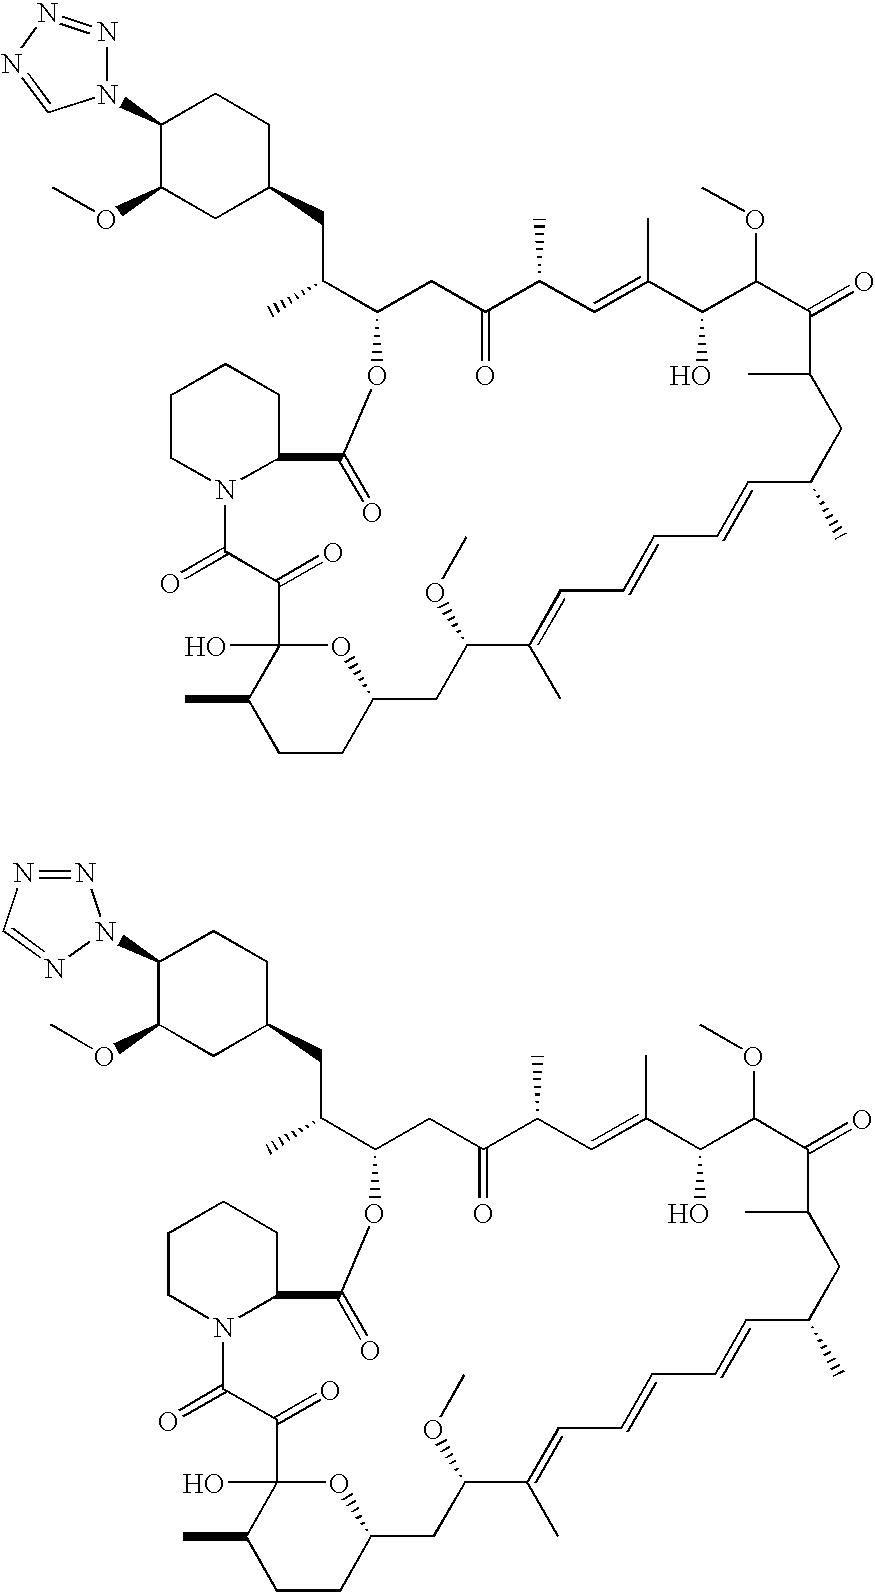 Figure US20090216317A1-20090827-C00004